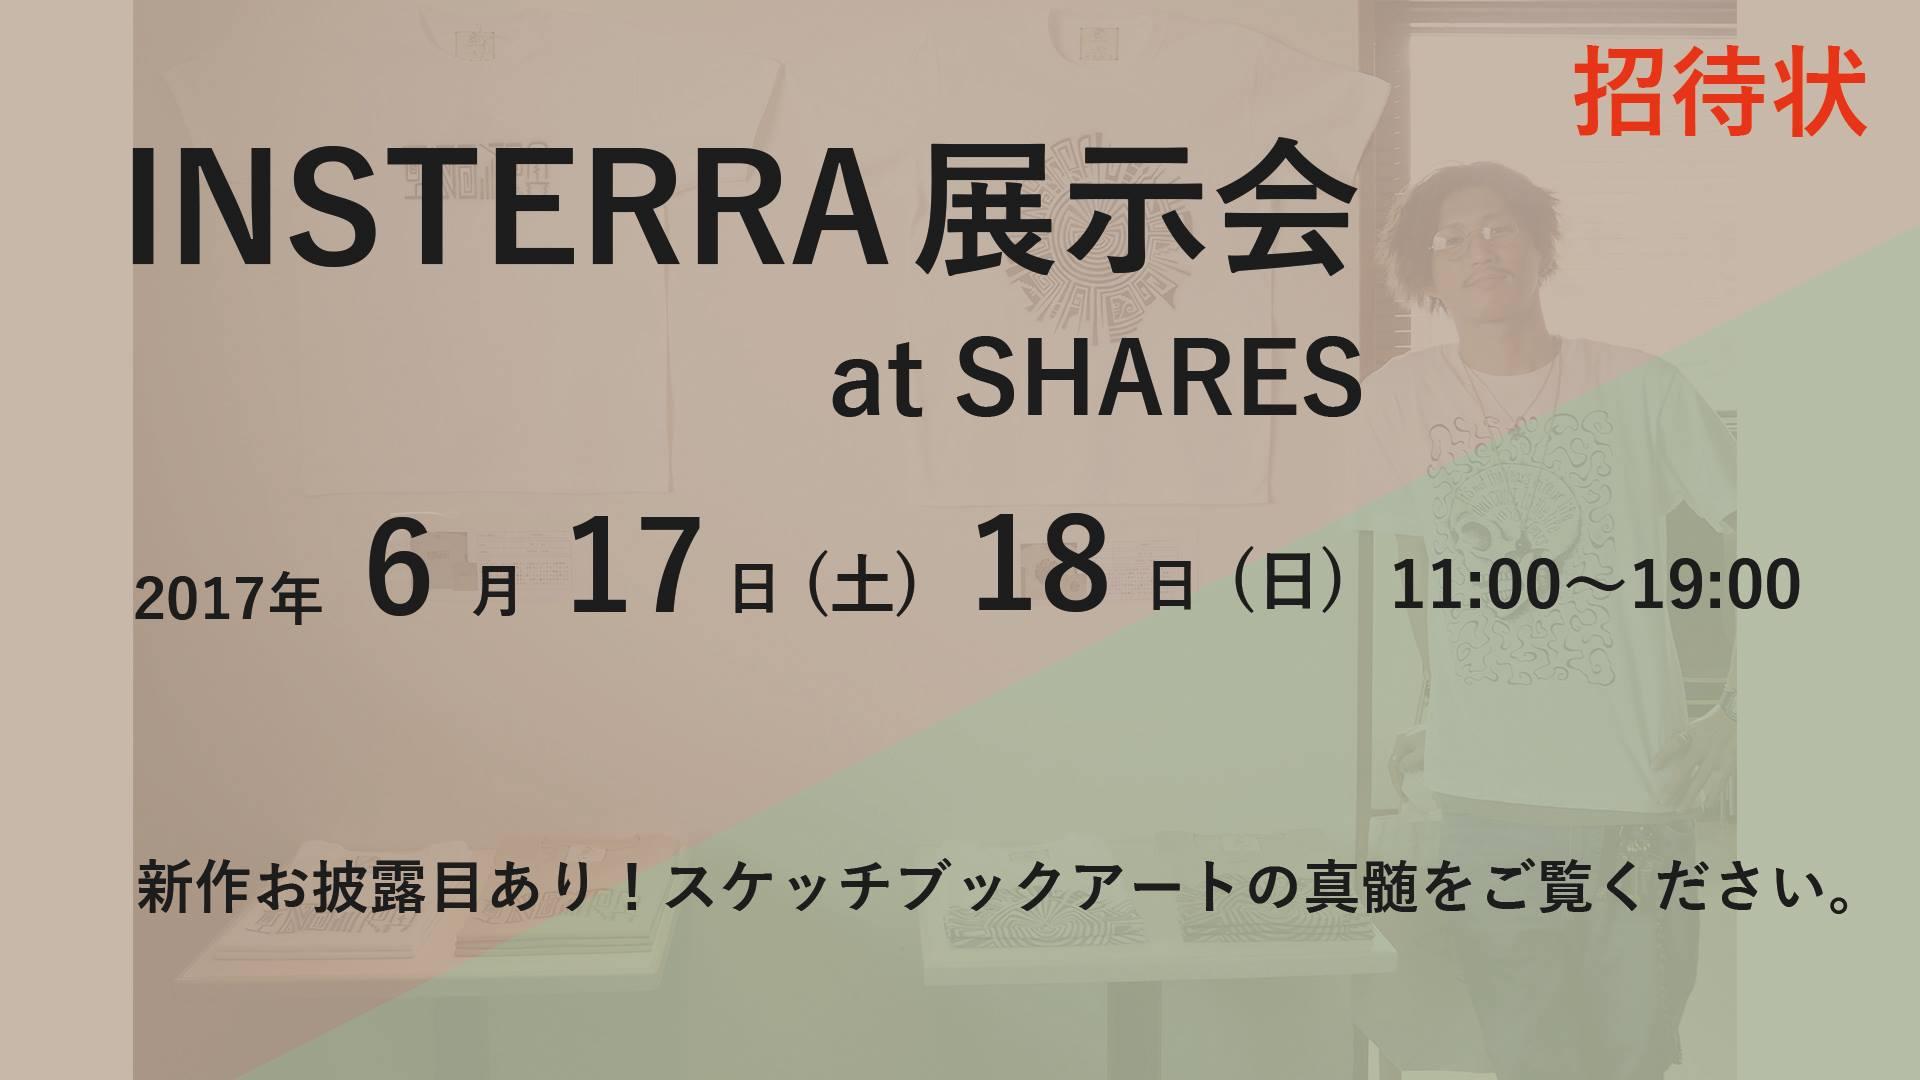 INSTERRA(インステラ)